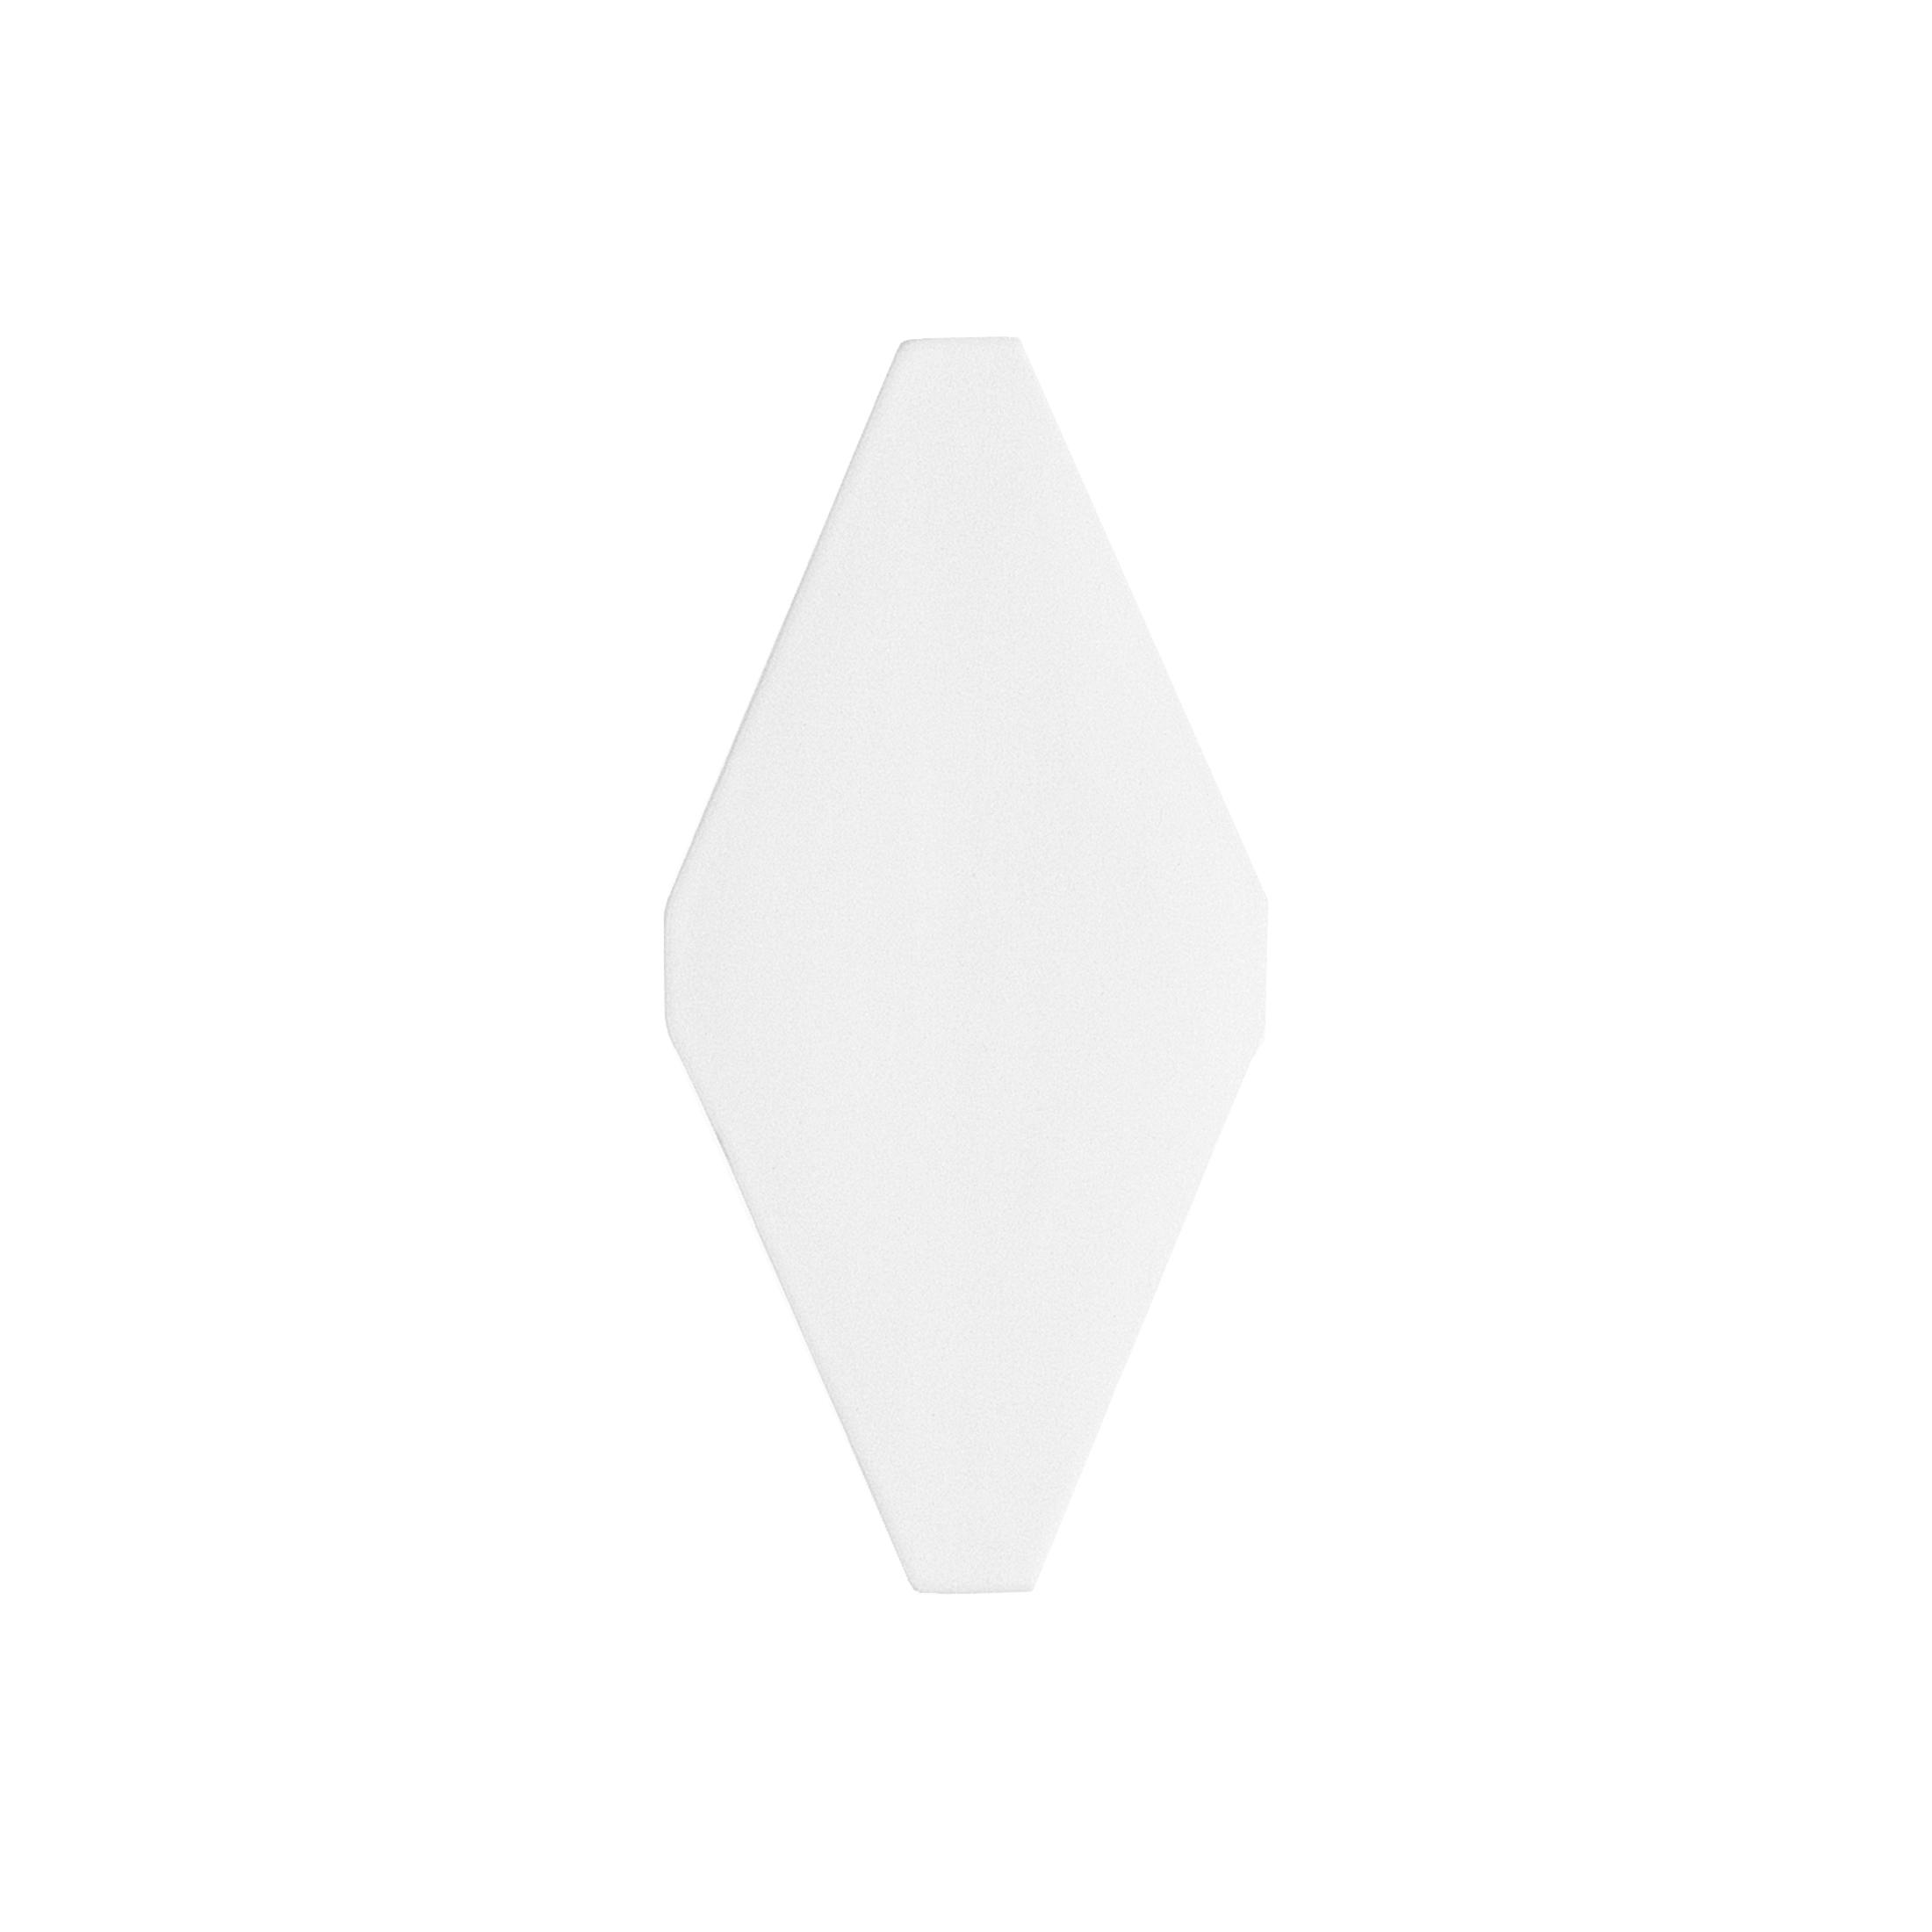 ADNE8051 - ROMBO BLANCO Z - 10 cm X 20 cm